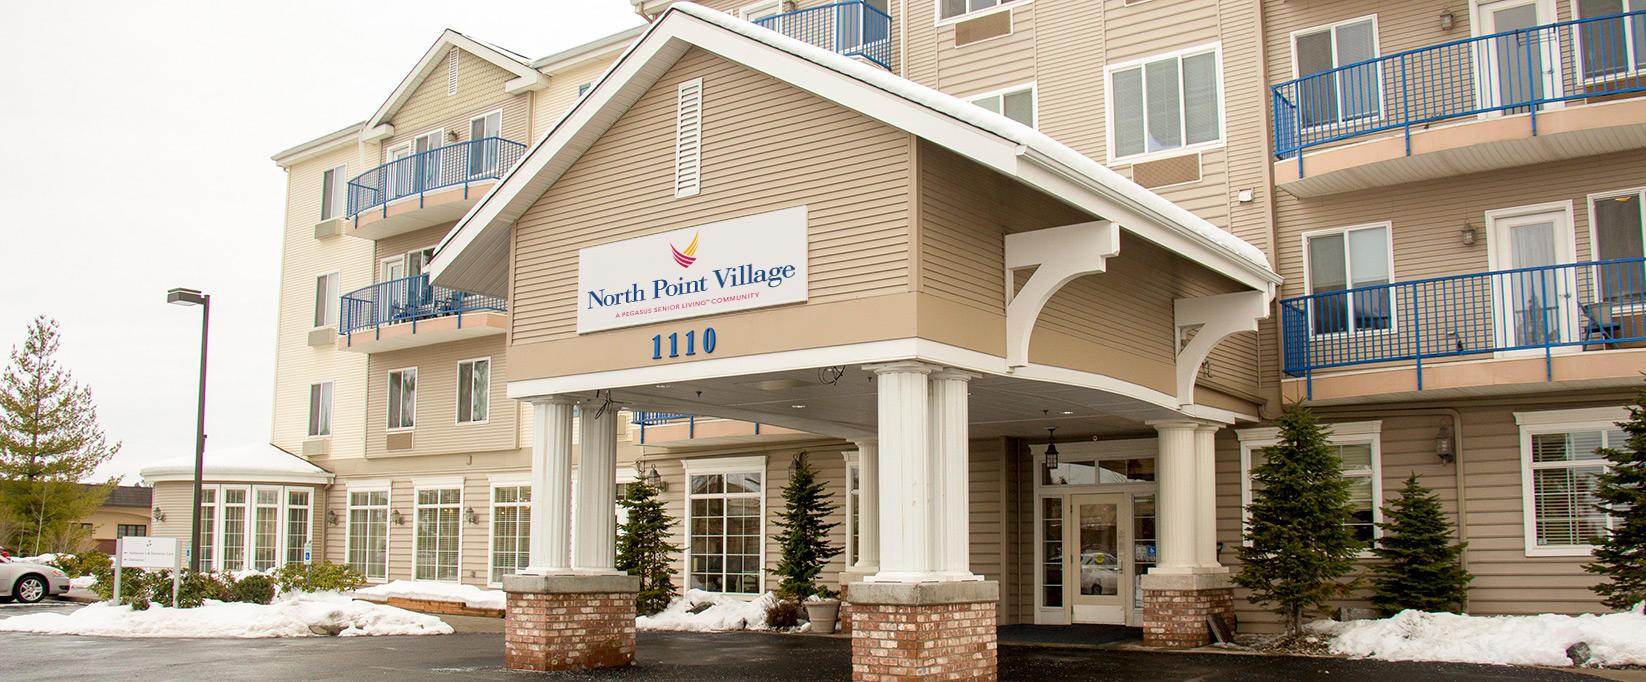 North Point Village image 9